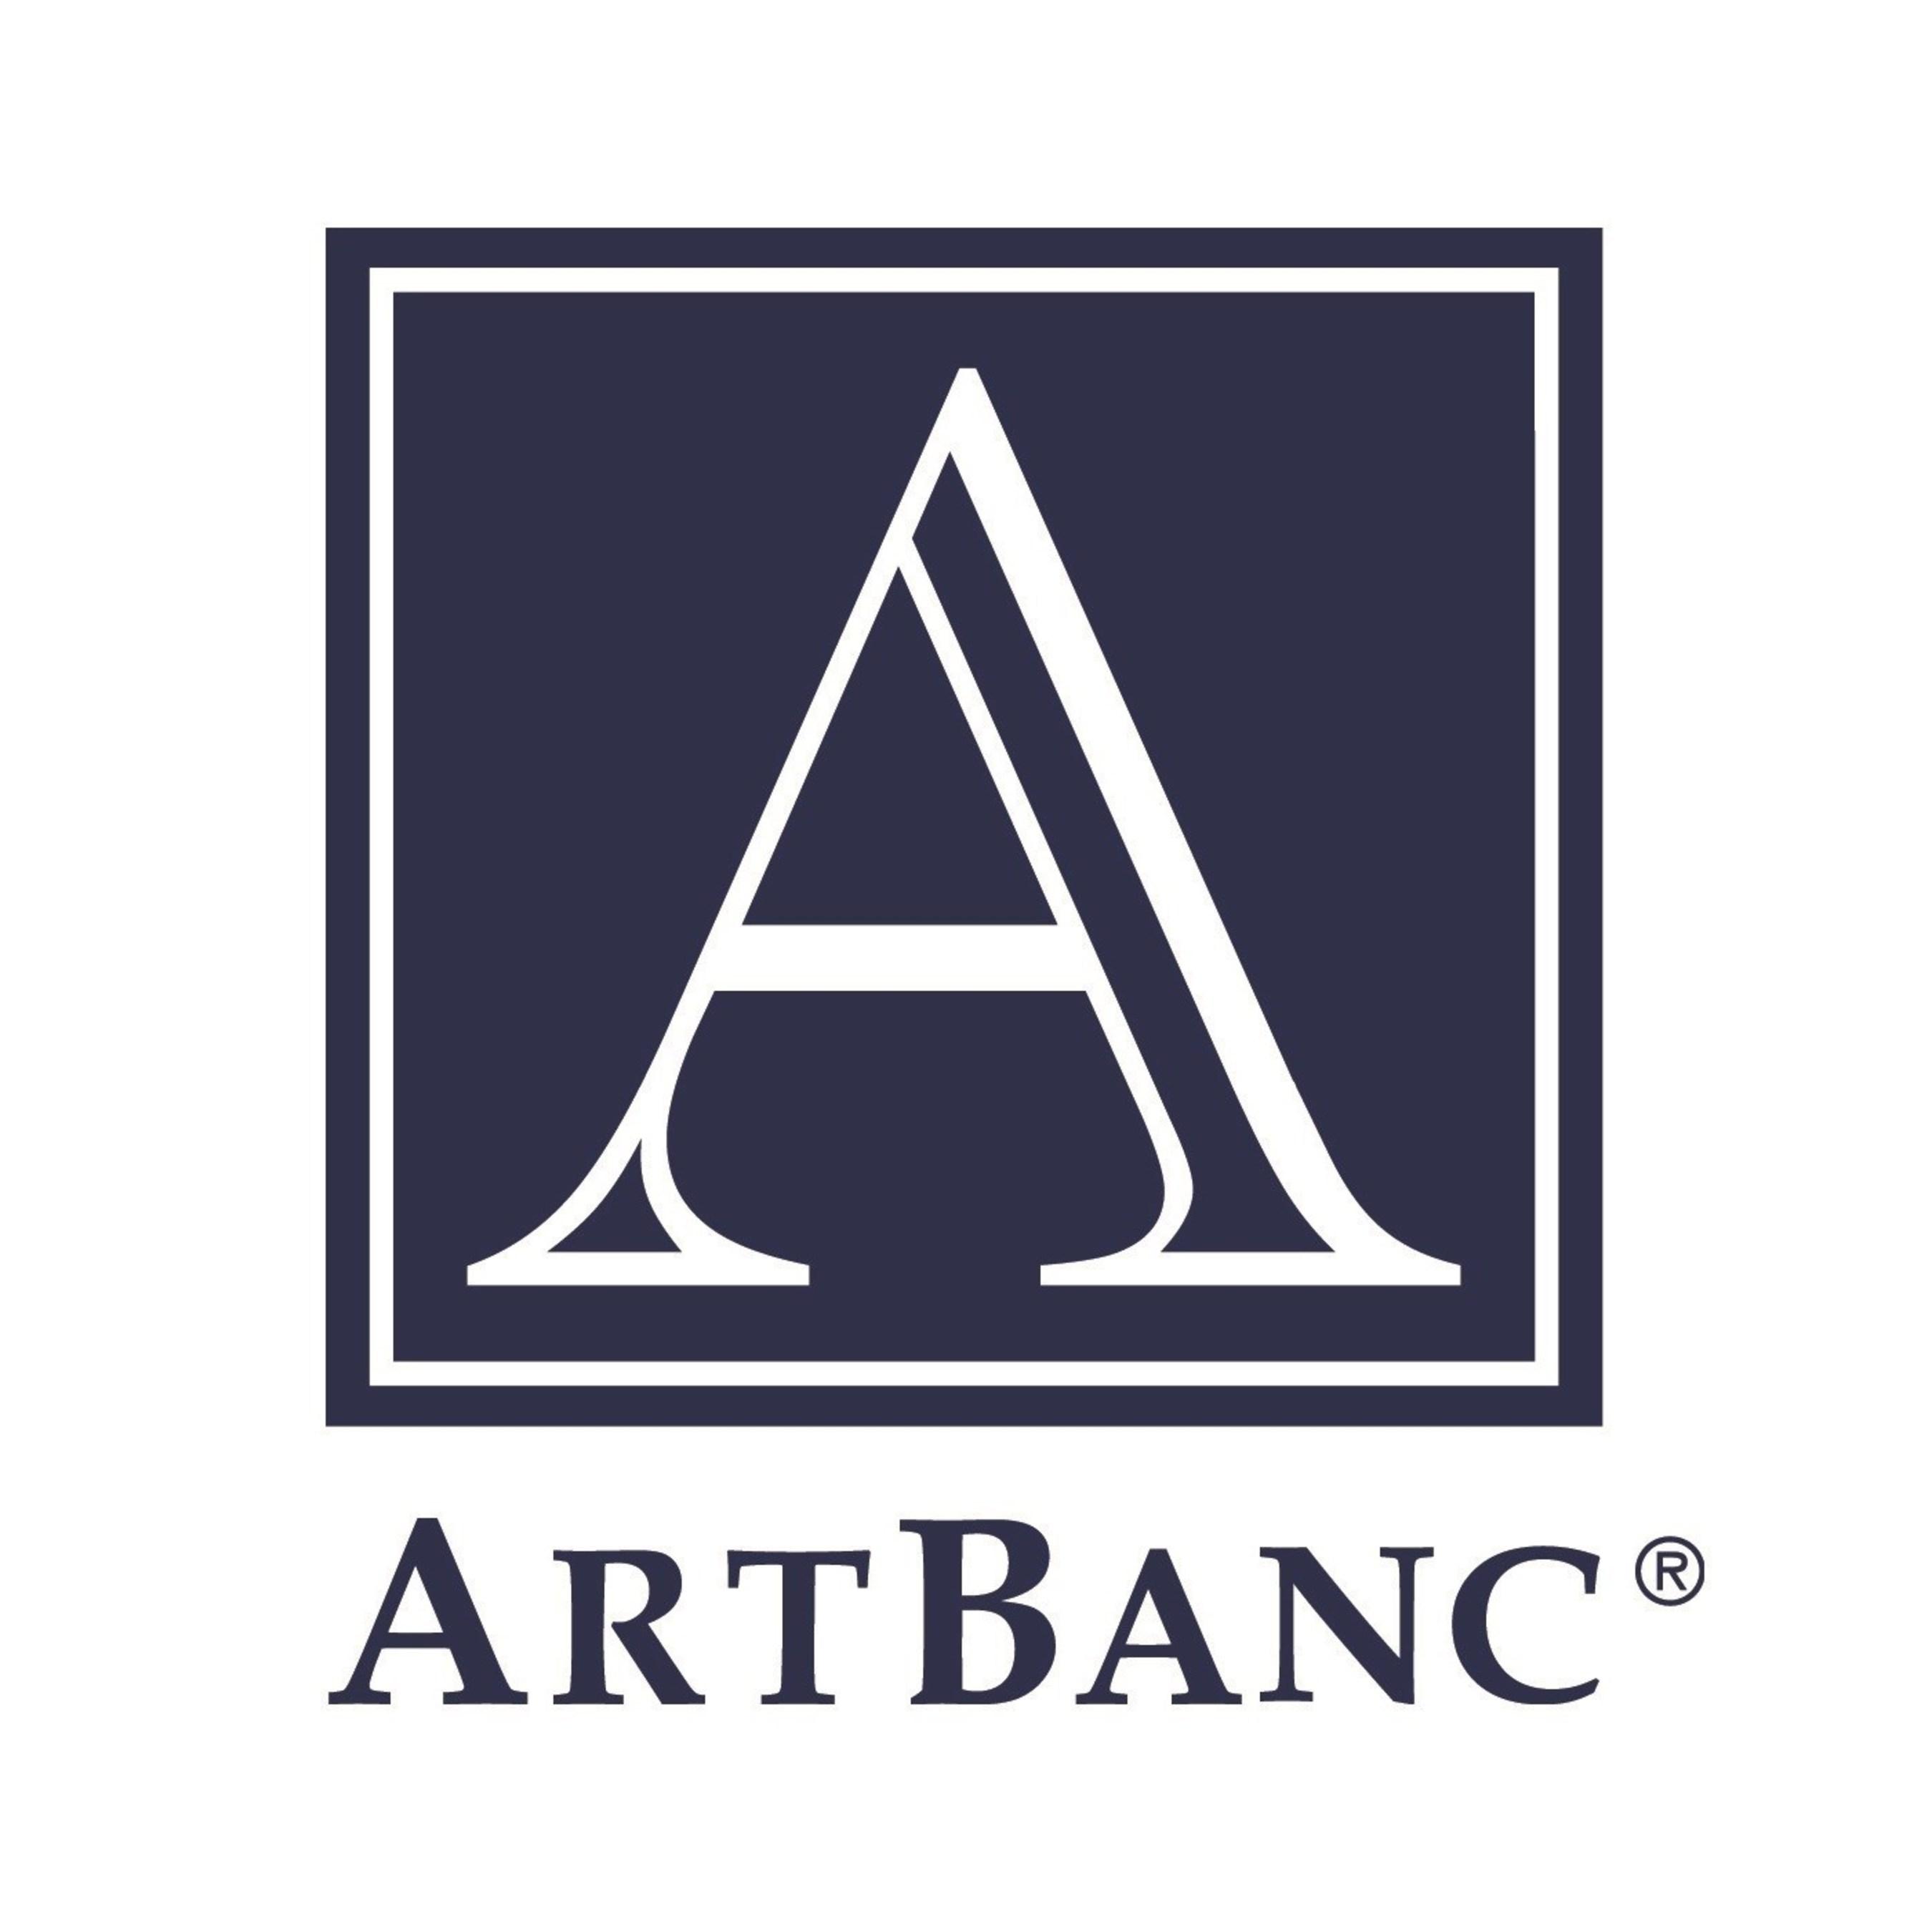 ArtBanc International annonce le lancement de la plateforme de négociation ArtBanc